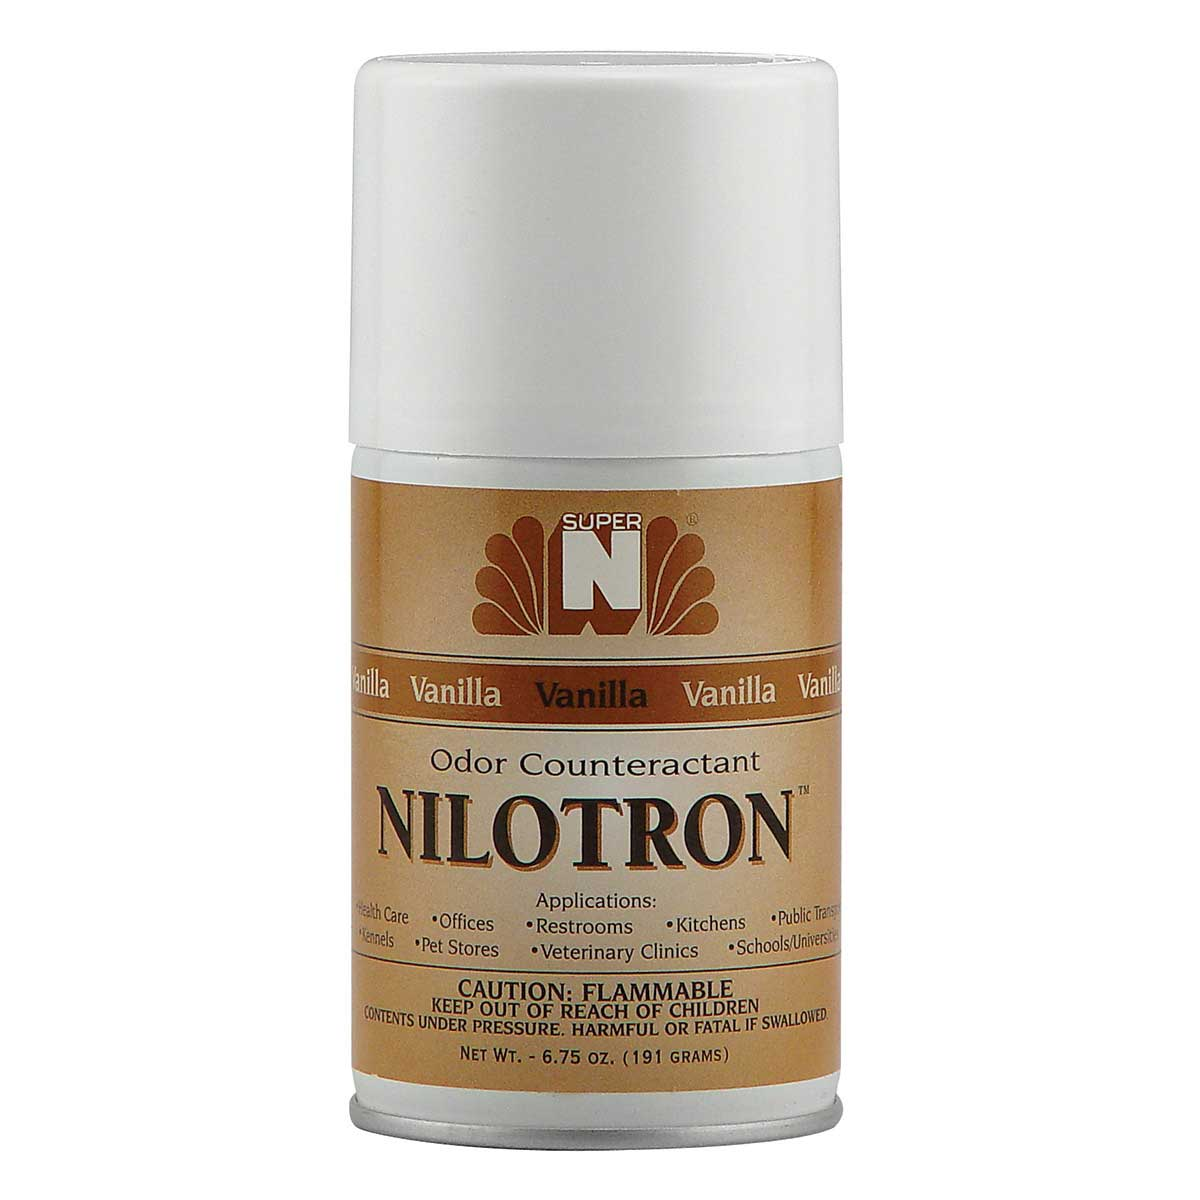 Nilotron Refill Vanilla Scent 7 oz for Odor Control